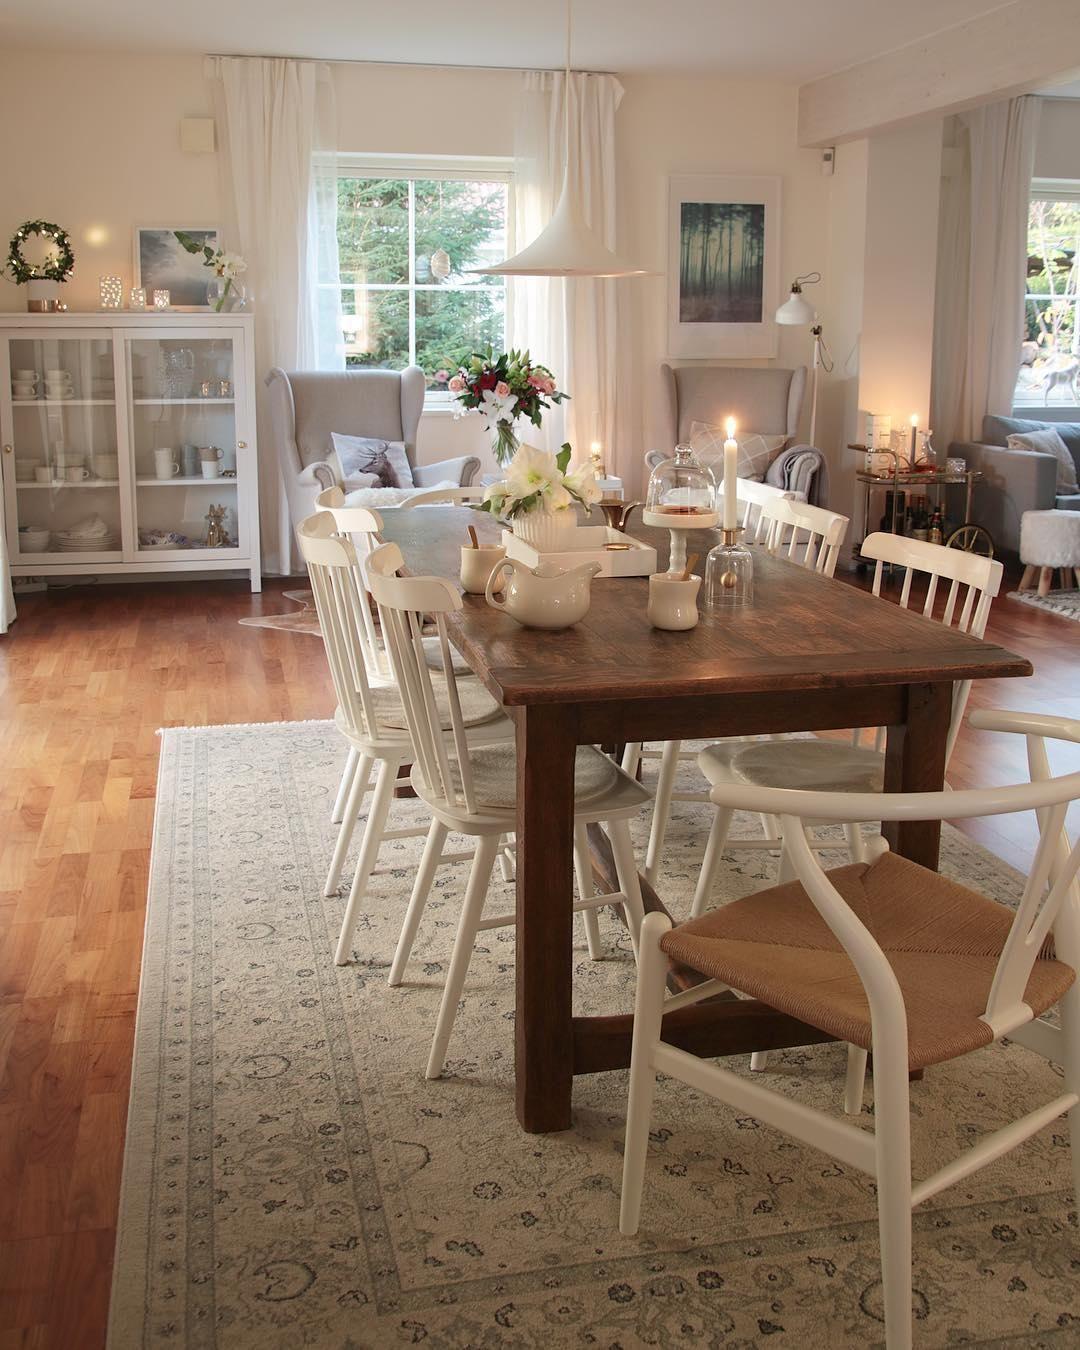 dieses esszimmer im modernen landhausstil berzeugt auf ganzer linie ein wundersch n. Black Bedroom Furniture Sets. Home Design Ideas